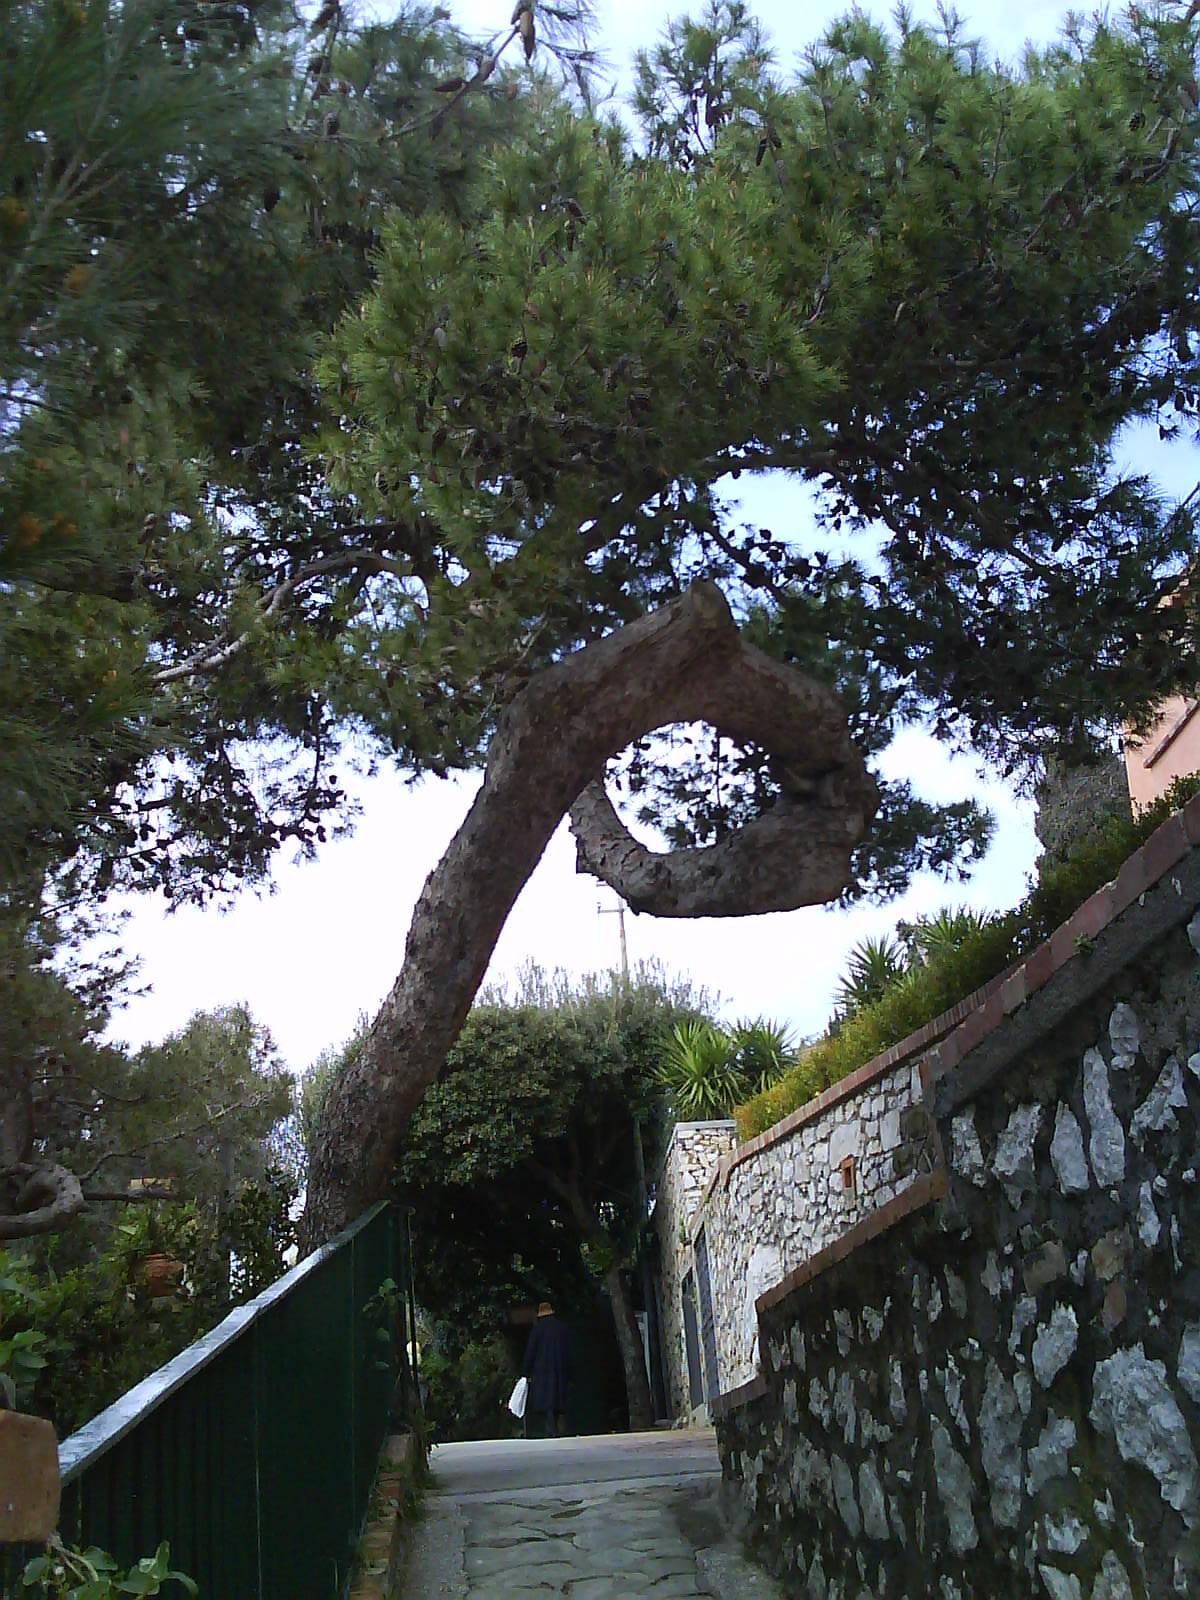 albero grande strano